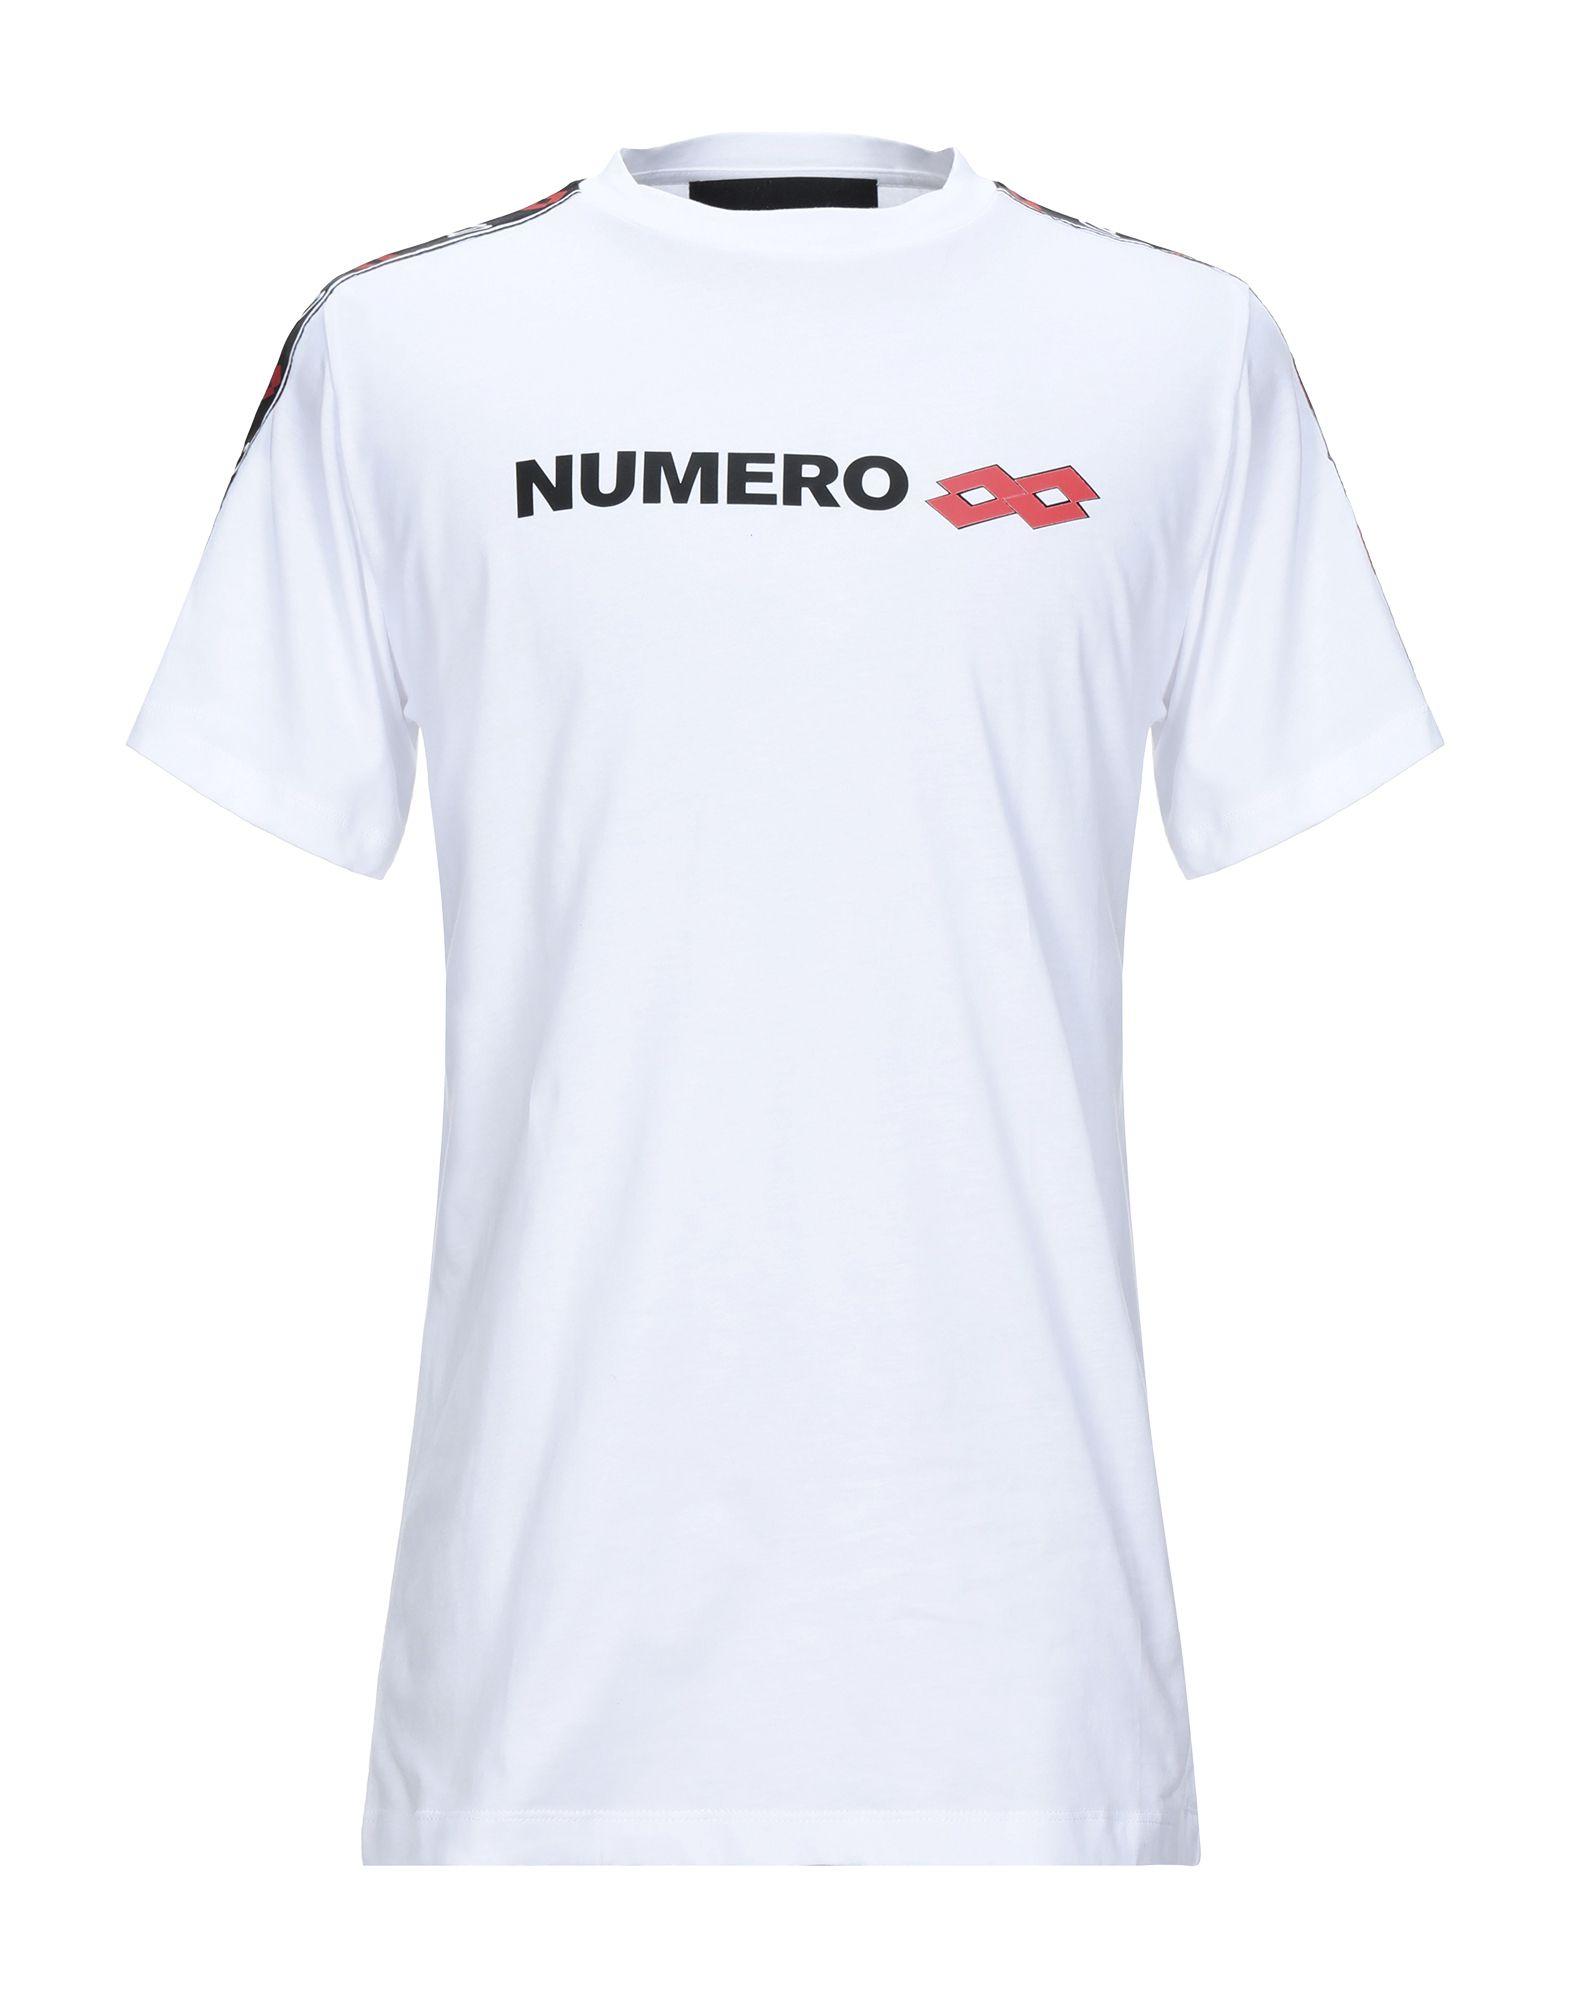 NUMERO 00 for LOTTO Футболка numero 00 толстовка